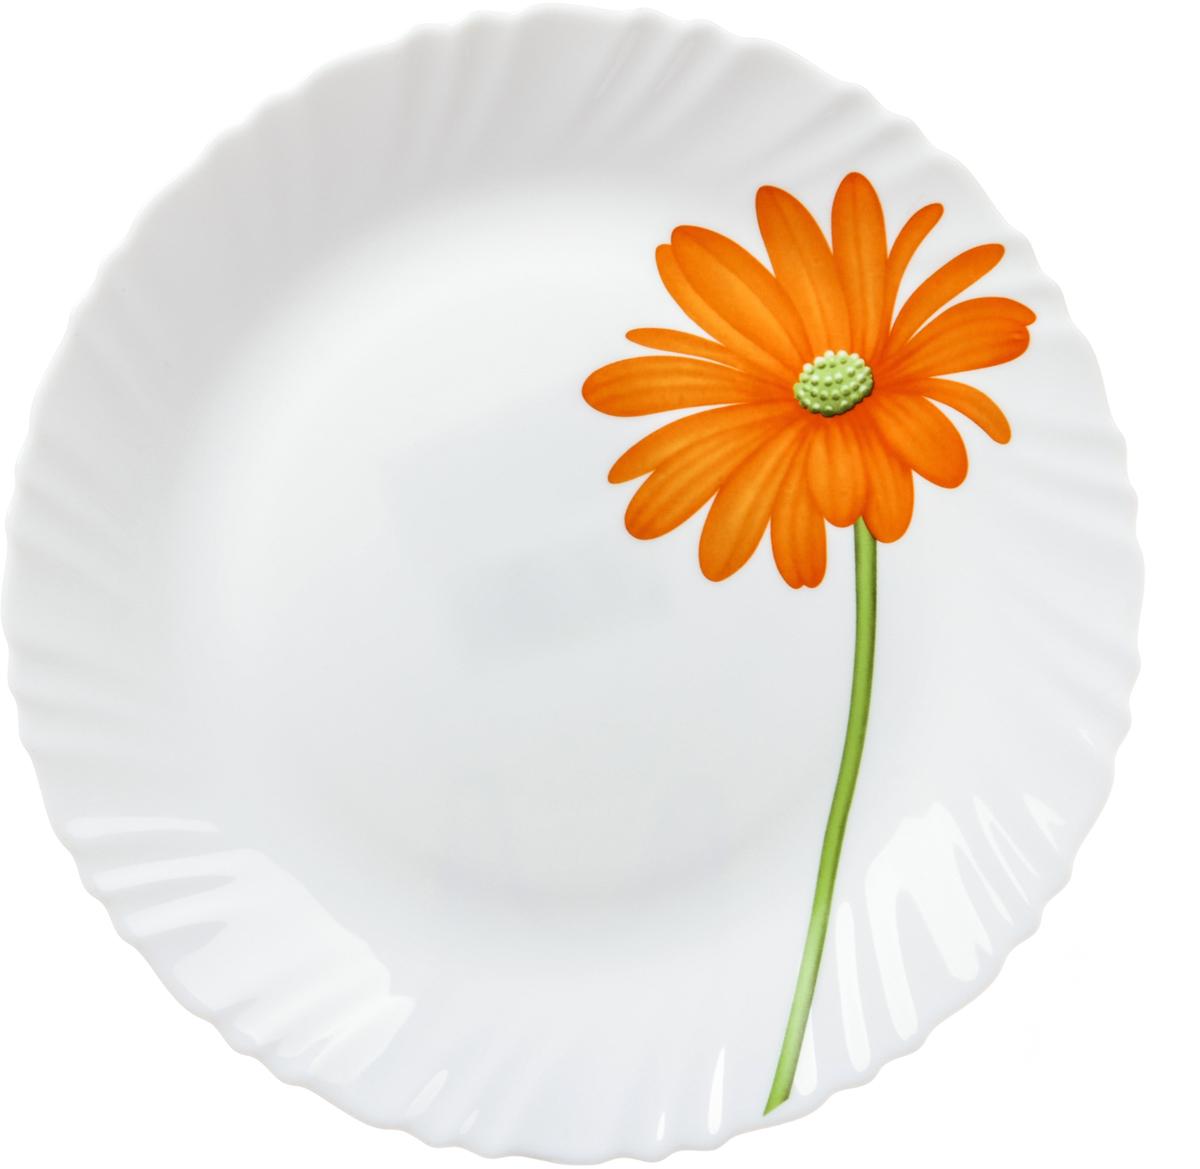 Тарелка десертная La Opala Гербера, диаметр 19 смOPCB003В 18 веке купец и гончар из Бристоля изобрел способ производства опалового непрозрачного стекла, оттенком напоминающего фарфор или эмаль и имеющего приятную бархатистую поверхность. Вплоть до начала 20 века его так и называли – бристольским опаловым стеклом.Сегодня считаются синонимами названия опаловое и молочное стекло. Неизменно одно: оставаясь по сути своей стеклом, опаловое или молочное стекло отличается от обычного наличием в составе специальных химических добавок – так называемых глушителей, изменяющих оптические свойства стекла. После формования конечной формы предмета и дополнительного нагрева (закаливания) до температуры свыше 4000°С (температура размягчения стекла) эти дополнительные добавки образуют ядра кристаллизации, которые вырастают в кристаллы, полностью заполняющие все мельчайшие пространства. Посуда из опалового стекла обладает рядом преимуществ по сравнению с традиционной посудой из обычного стекла или фарфора. Во-первых, она очень легкая и гигиенически чистая благодаря отсутствию пор. Во-вторых, обладает повышенной устойчивостью:- к температурному шоку: поверхность стекла не будет лопаться из-за внезапных перепадов температуры;- к ударам: в несколько раз крепче стандартного стекла;- к износу: имеет высокую износоустойчивость.Именно поэтому опаловое стекло не боится царапин, обладает повышенной ударопрочностью. Посуду из опалового стекла можно мыть в посудомоечных машинах и готовить в нем пищу в микроволновой печи. В-третьих, опаловое стекло необычайно яркое. На гладкую поверхность посуды из опалового стекла отлично наносятся декоративные краски. Физико-химический состав опалового стекла позволяет краскам переливаться, из-за чего создаются сверкающие оттенки а-ля опал.